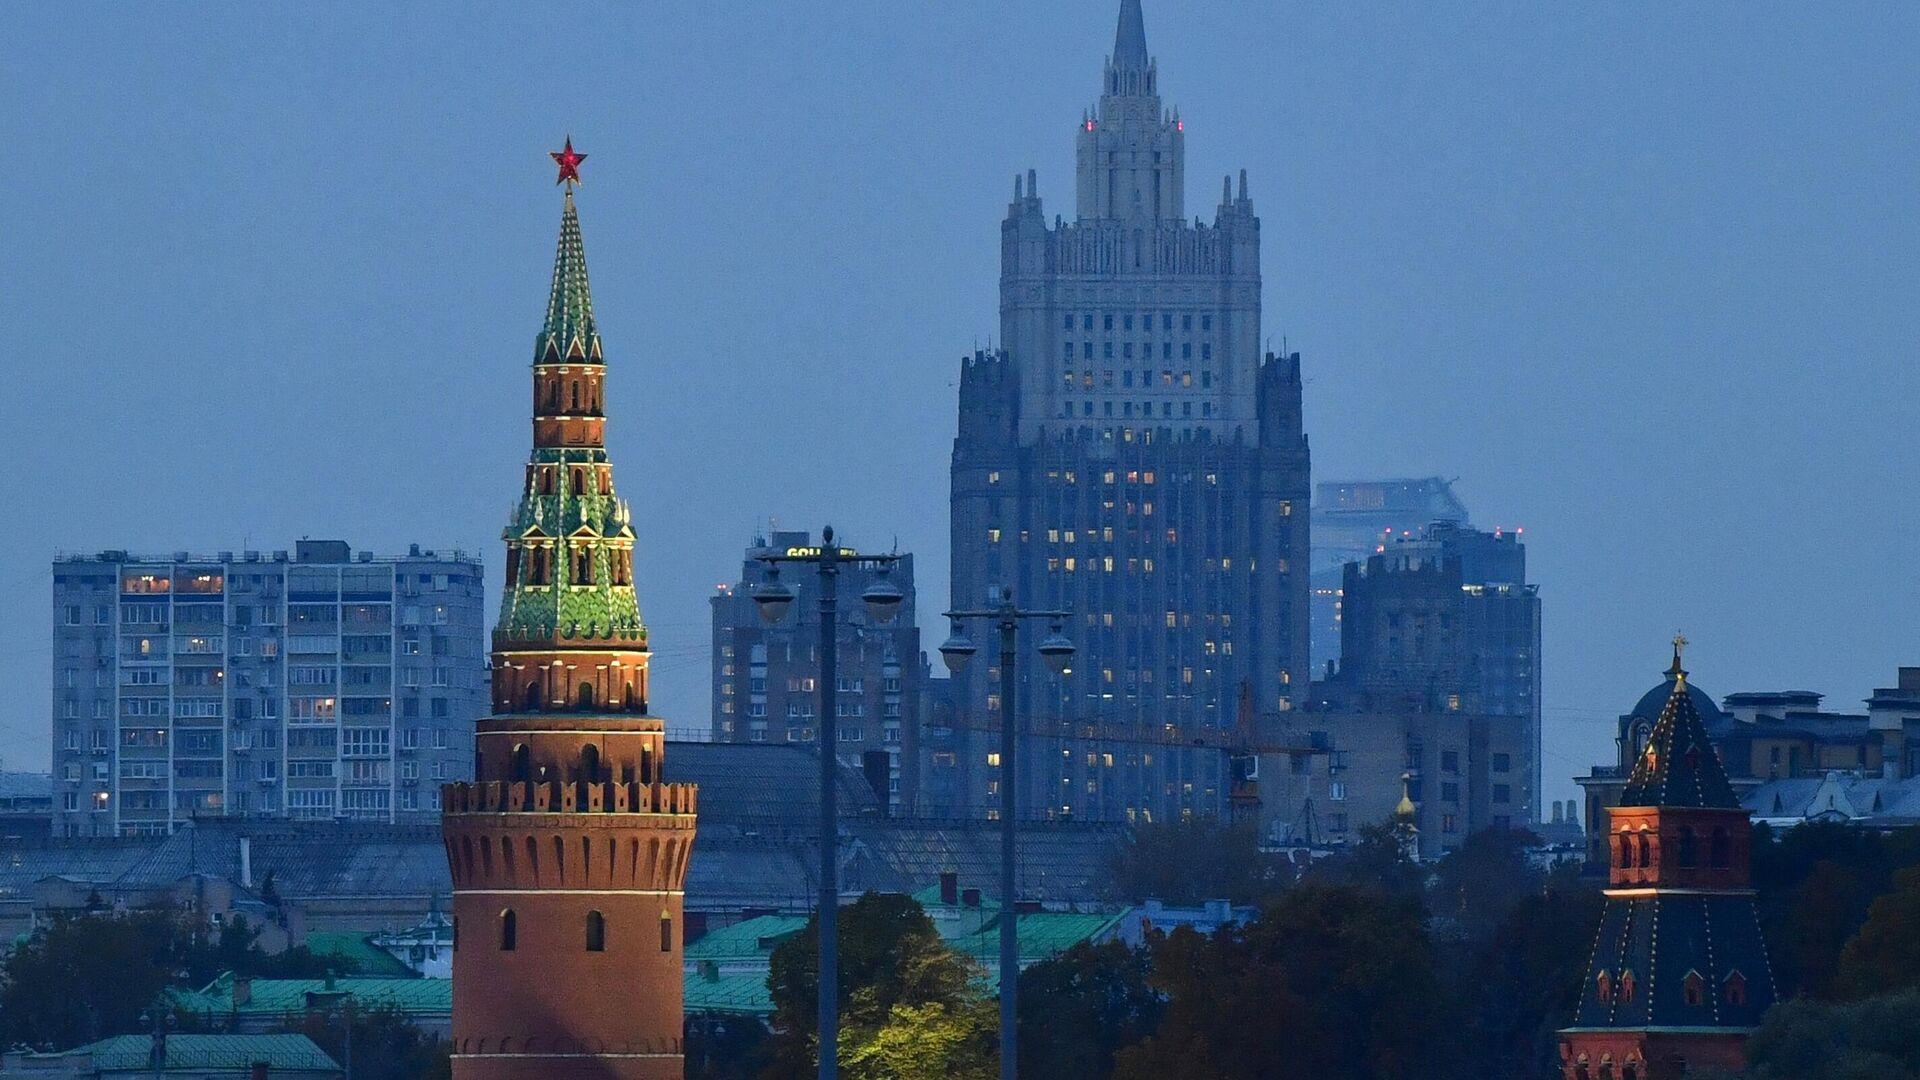 Московский Кремль и здание МИД России - РИА Новости, 1920, 09.10.2021